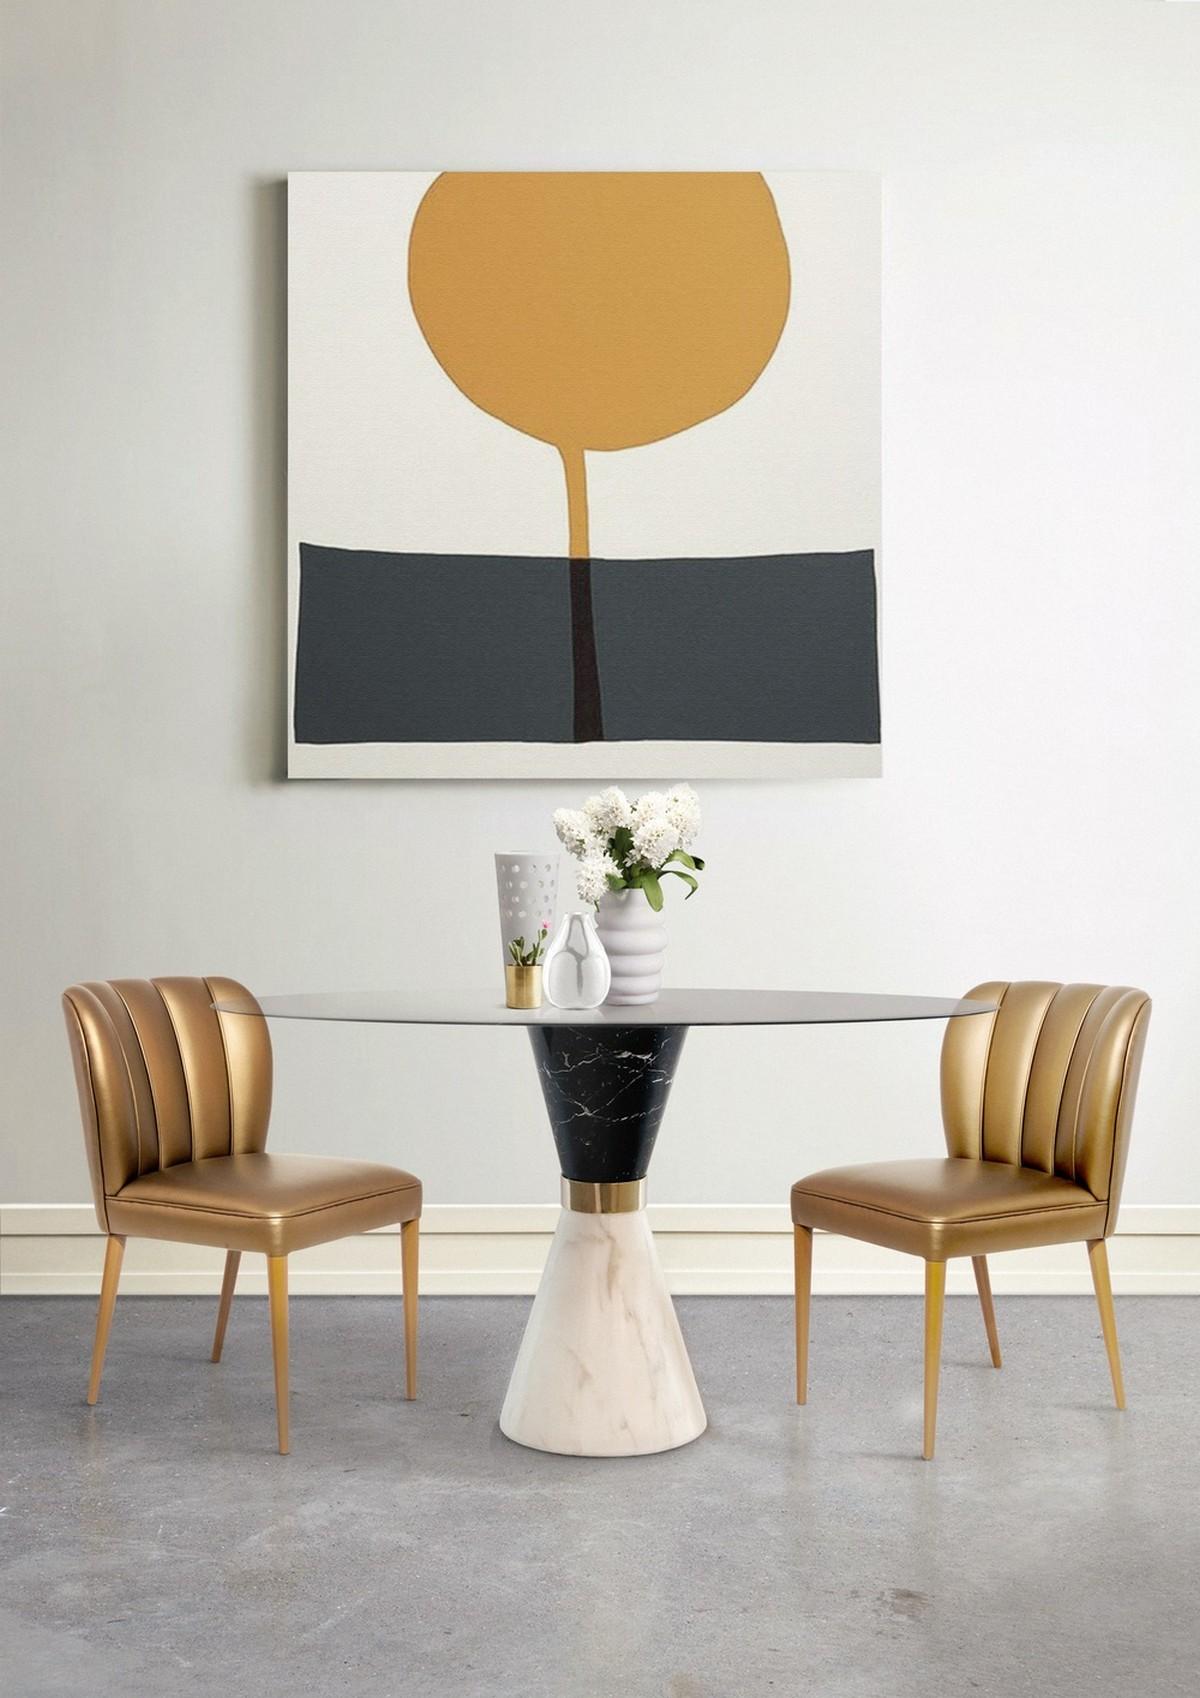 Vinicius Dining Table: A Mid-century Design Story mid-century design Vinicius Dining Table: A Mid-century Design Story 4 3